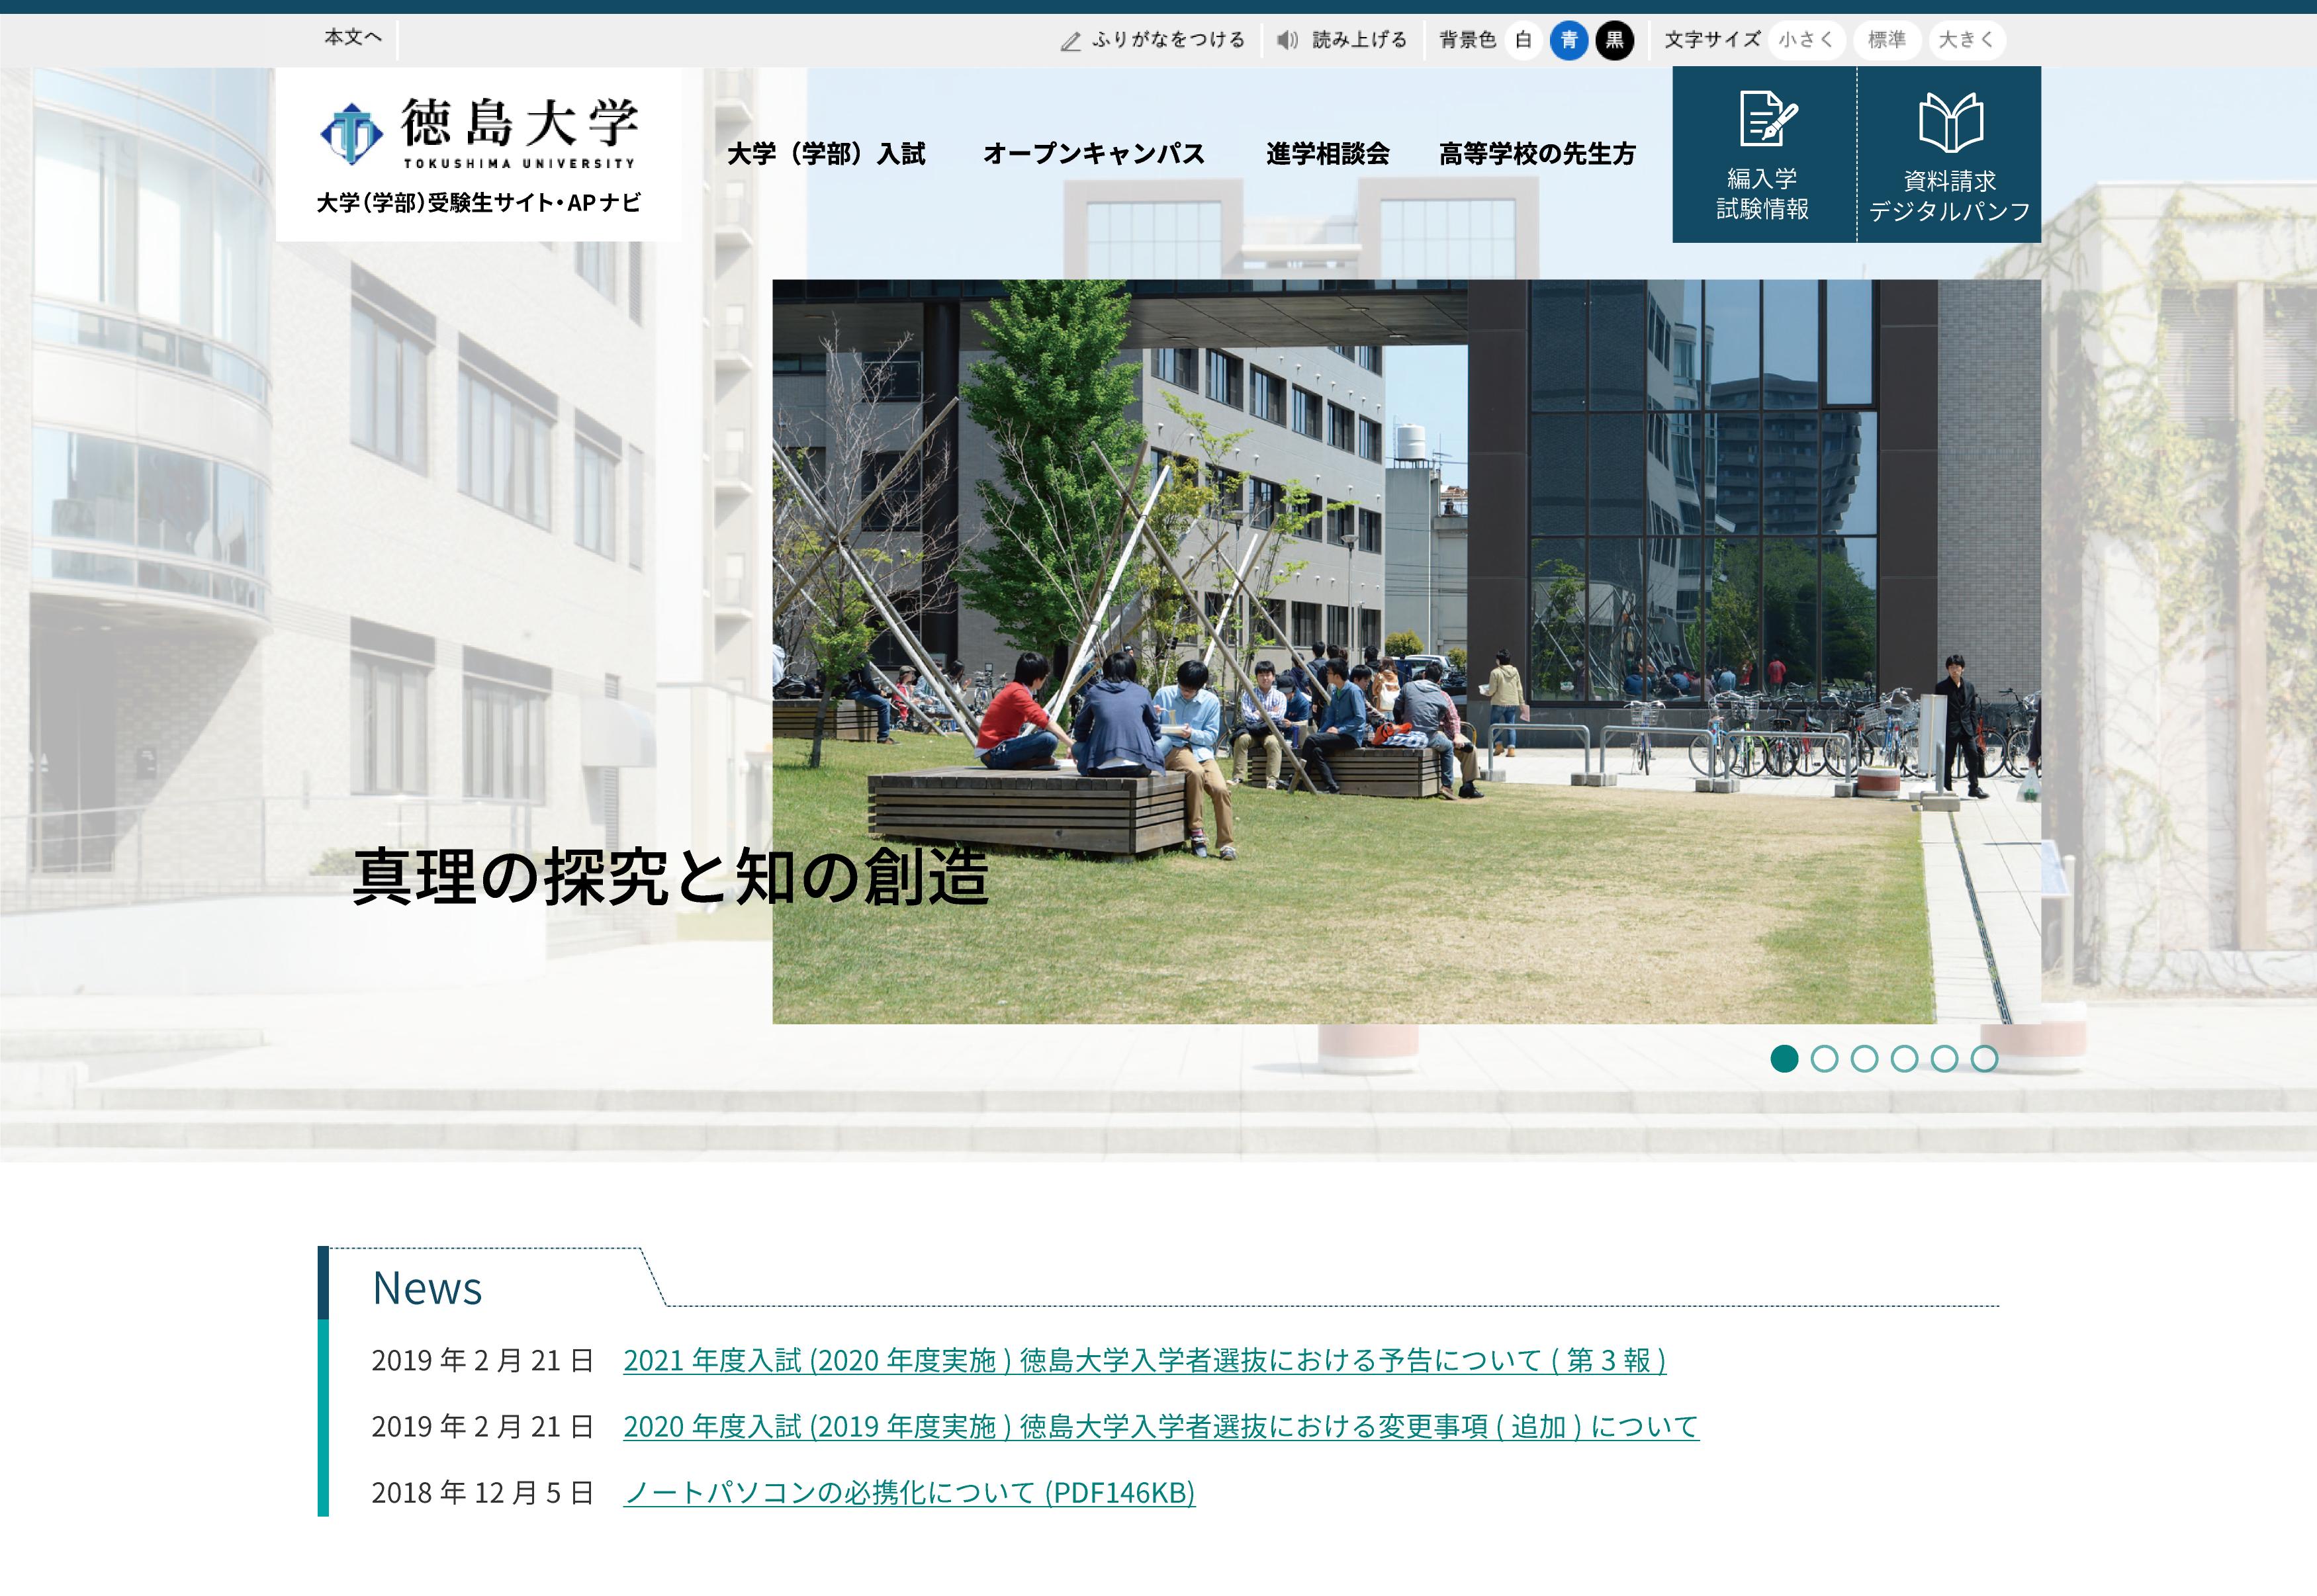 徳島大学 高等教育研究センター